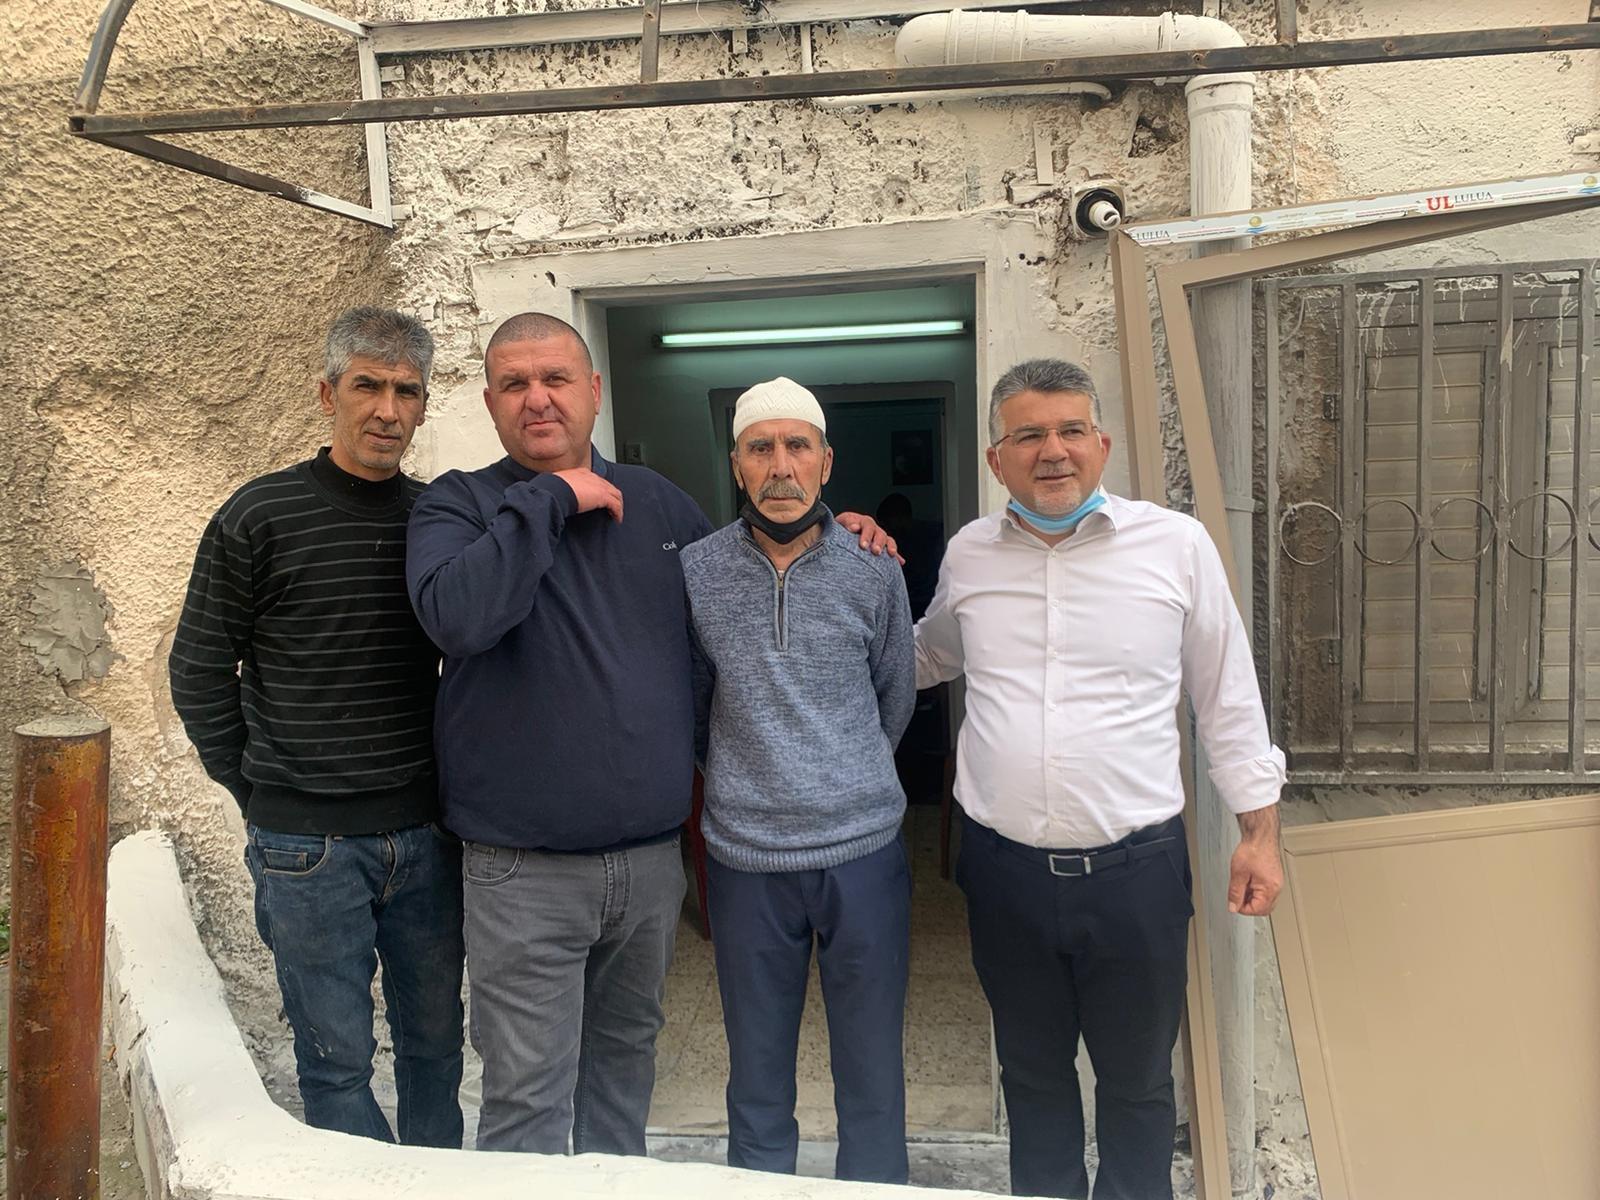 النائب يوسف جبارين يزور بيت والد رئيس البلدية عقب جريمة الاعتداء